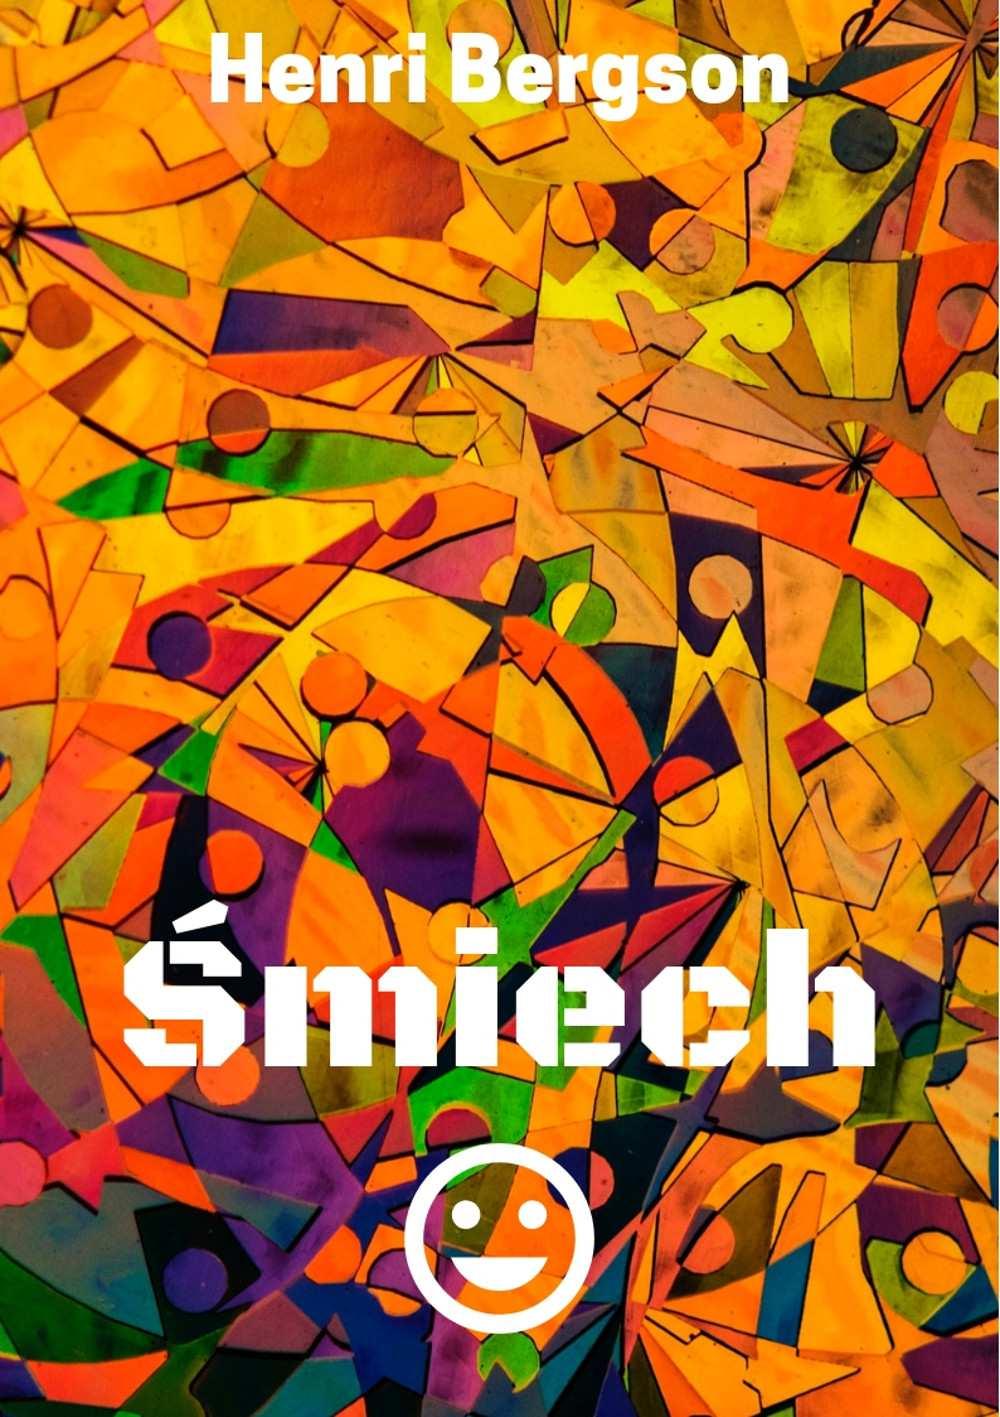 Śmiech - Ebook (Książka na Kindle) do pobrania w formacie MOBI